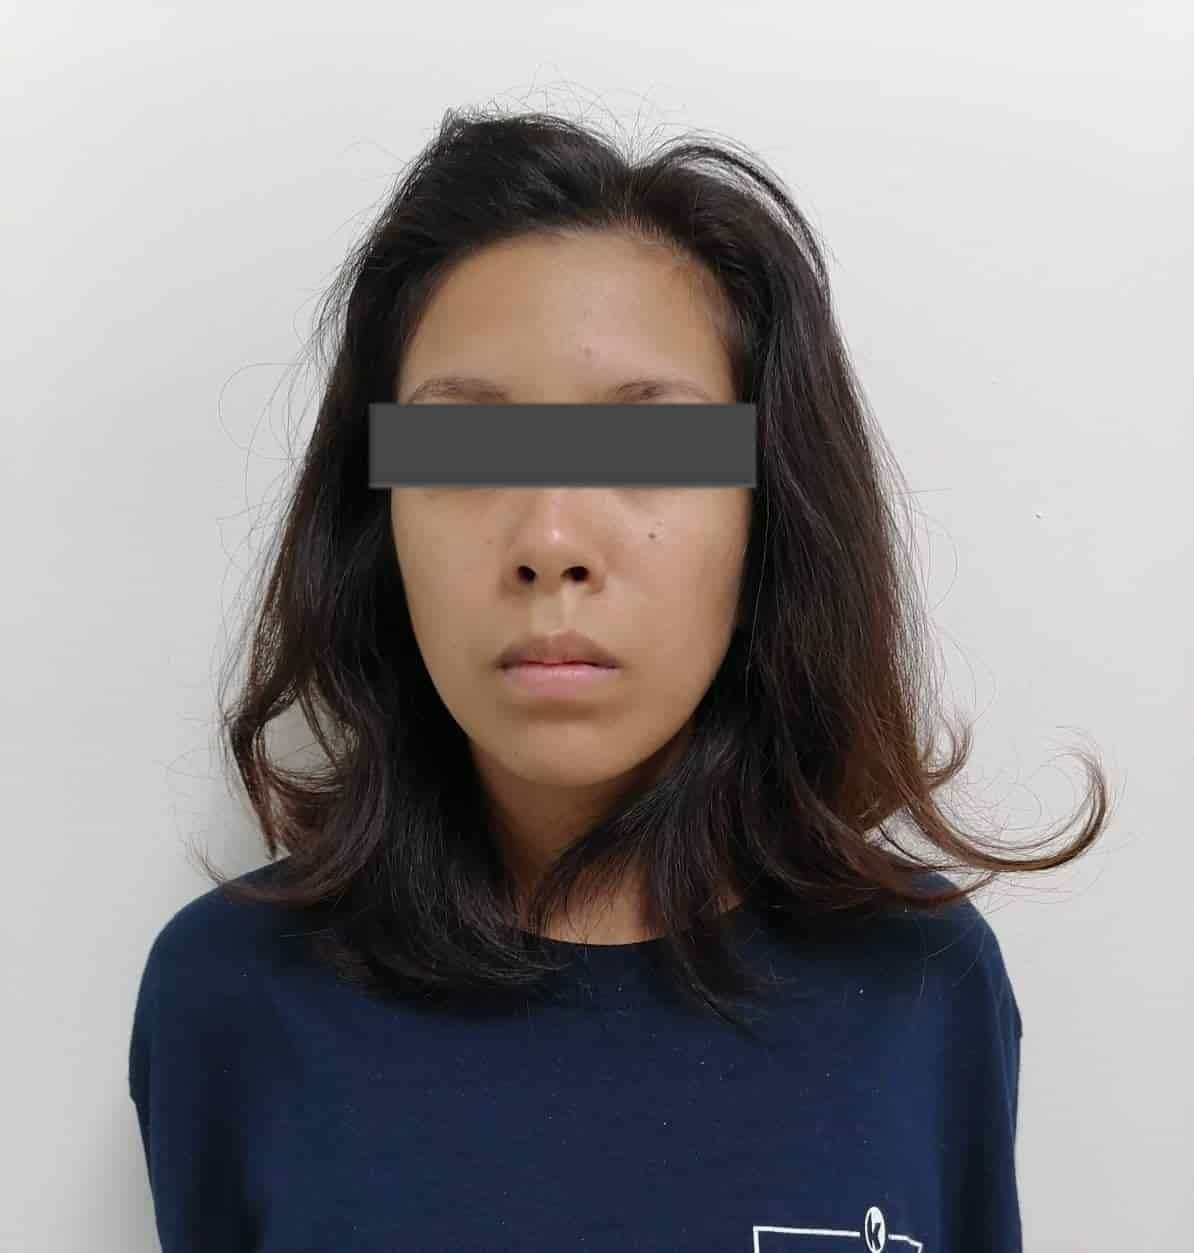 La pareja golpeó a una bebé de 4 meses y la dejó gravemente herida, además de agredirla sexualmente